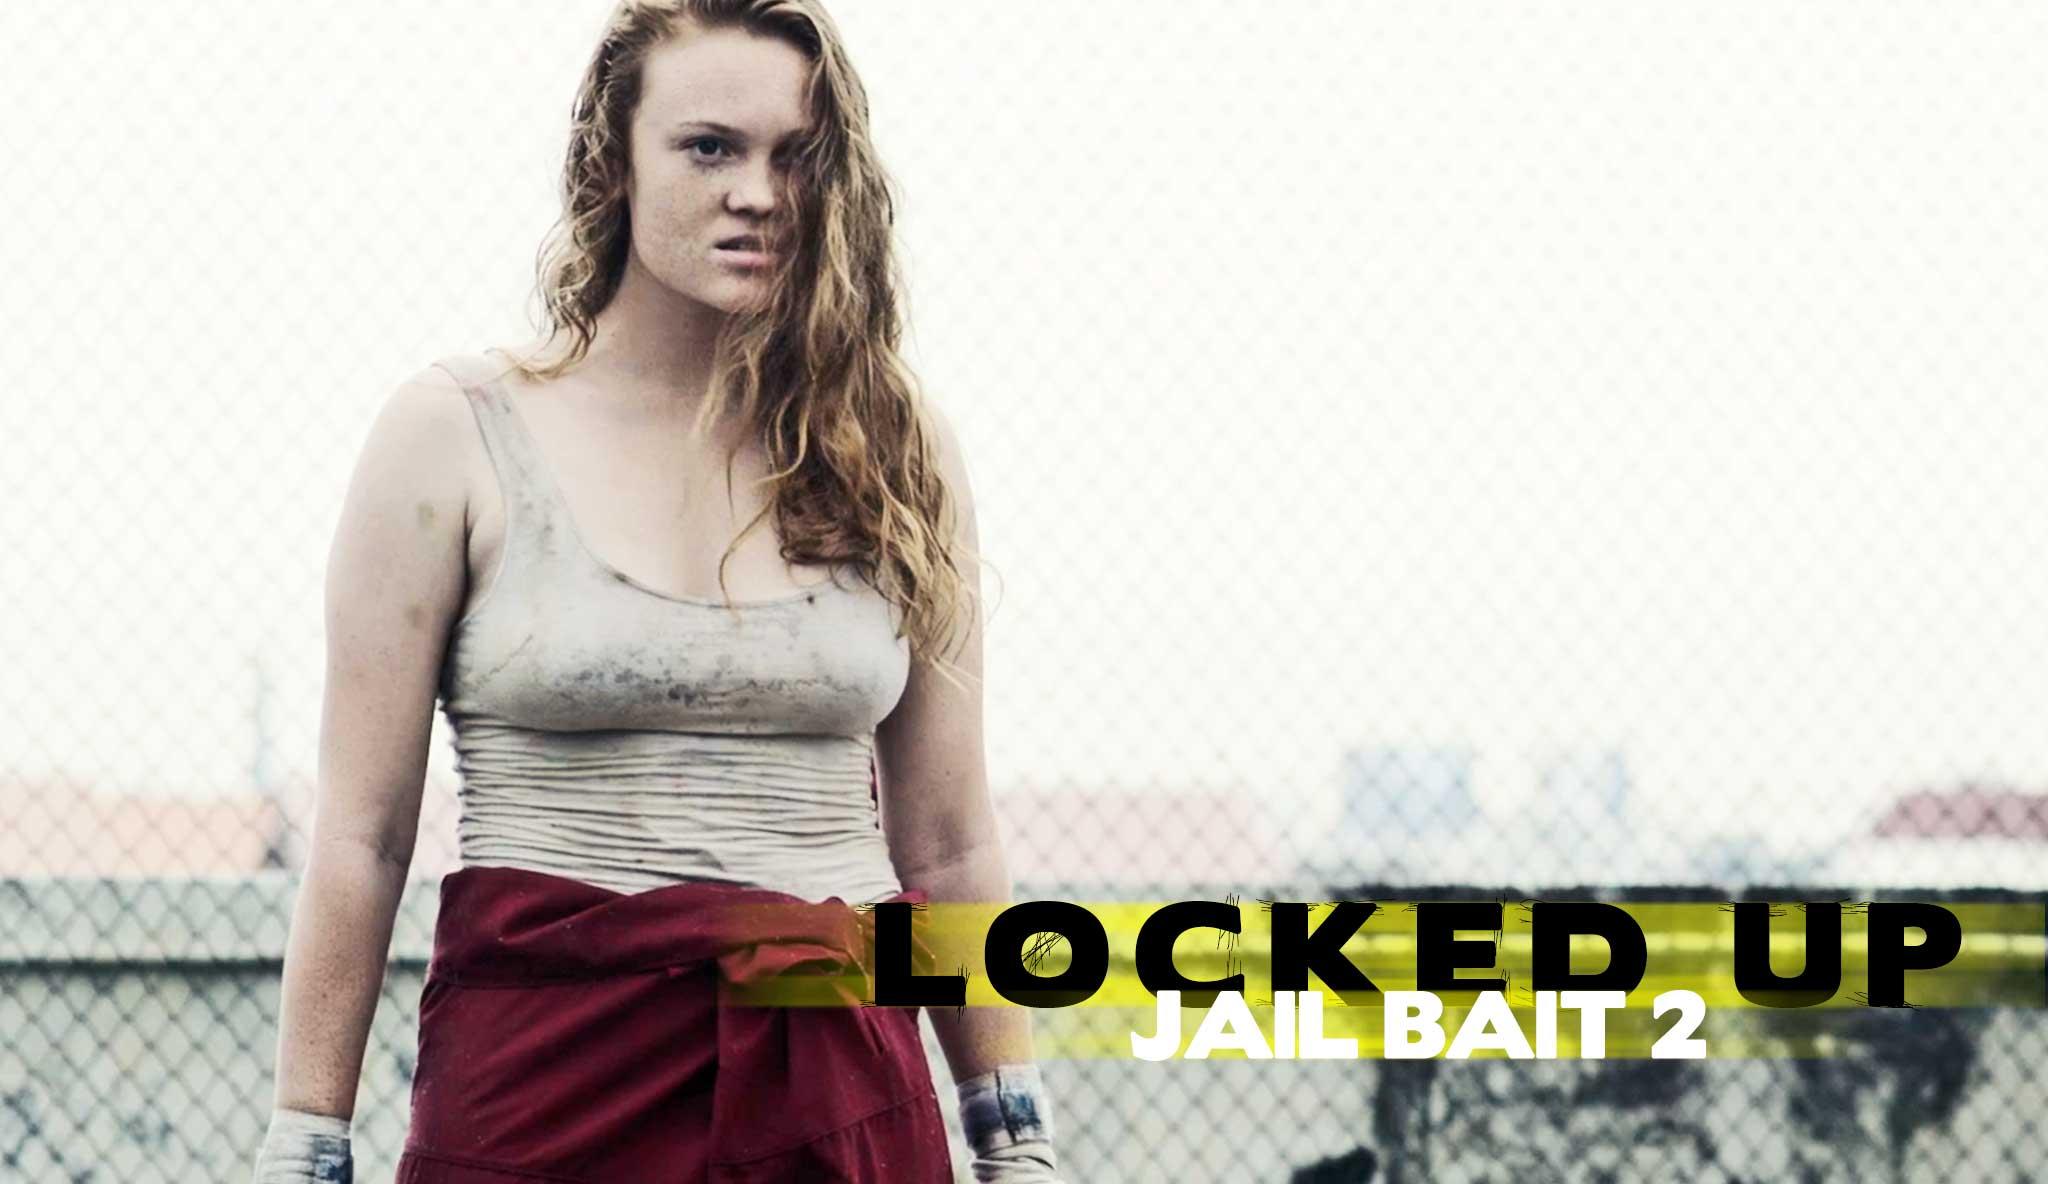 locked-up-jail-bait-2-kampfen-oder-sterben-im-frauenknast\header.jpg